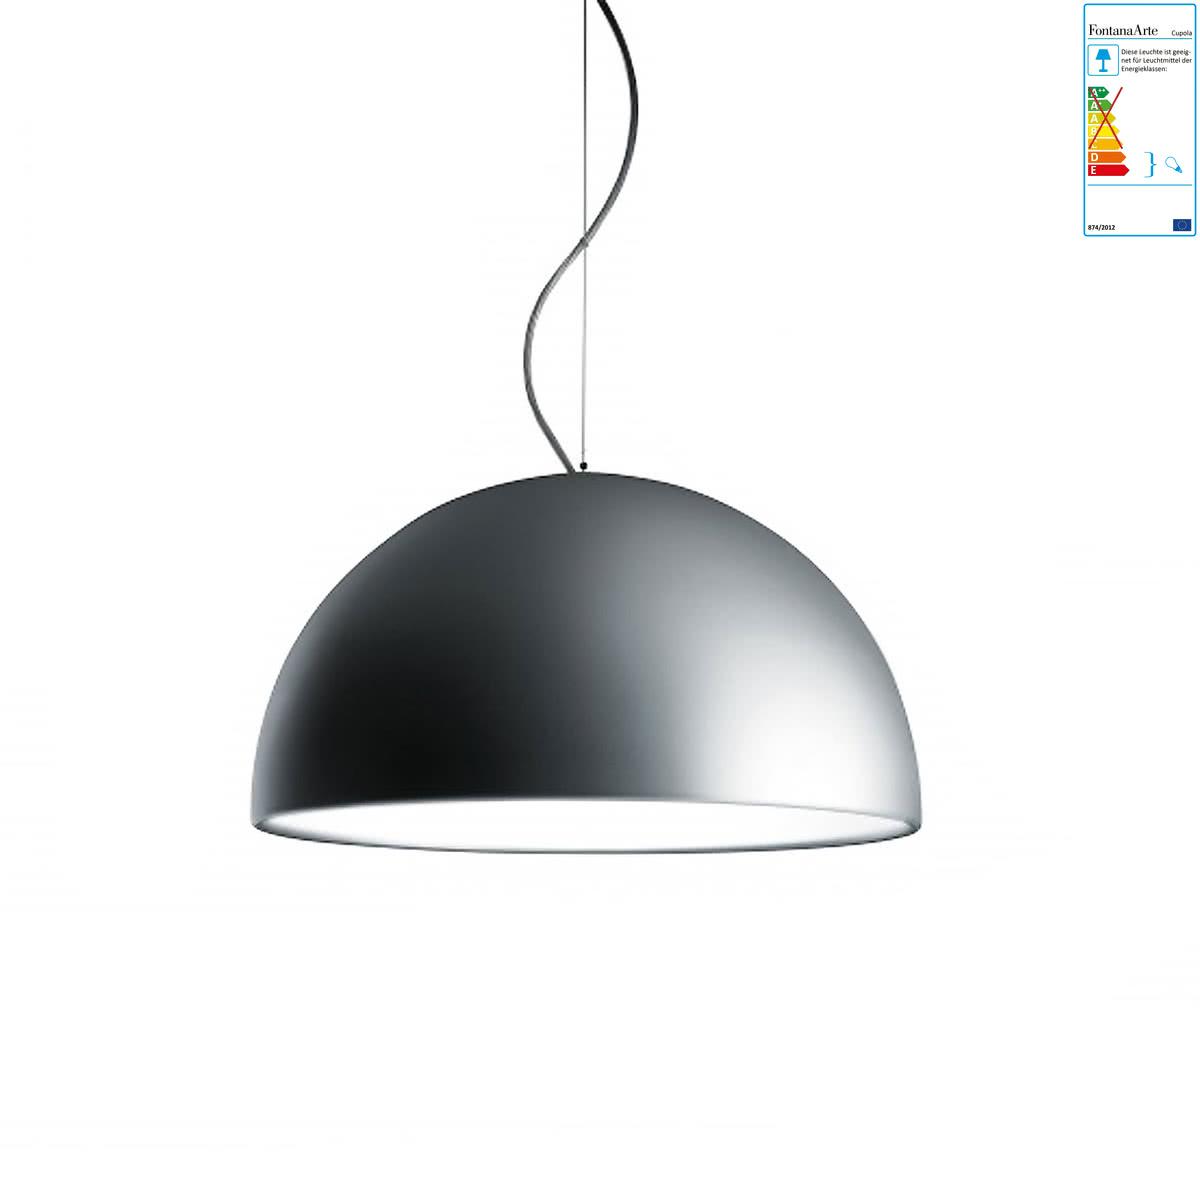 fontanaarte cupola pendelleuchte aluminium 40 cm aluminium h 20 online kaufen bei woonio. Black Bedroom Furniture Sets. Home Design Ideas